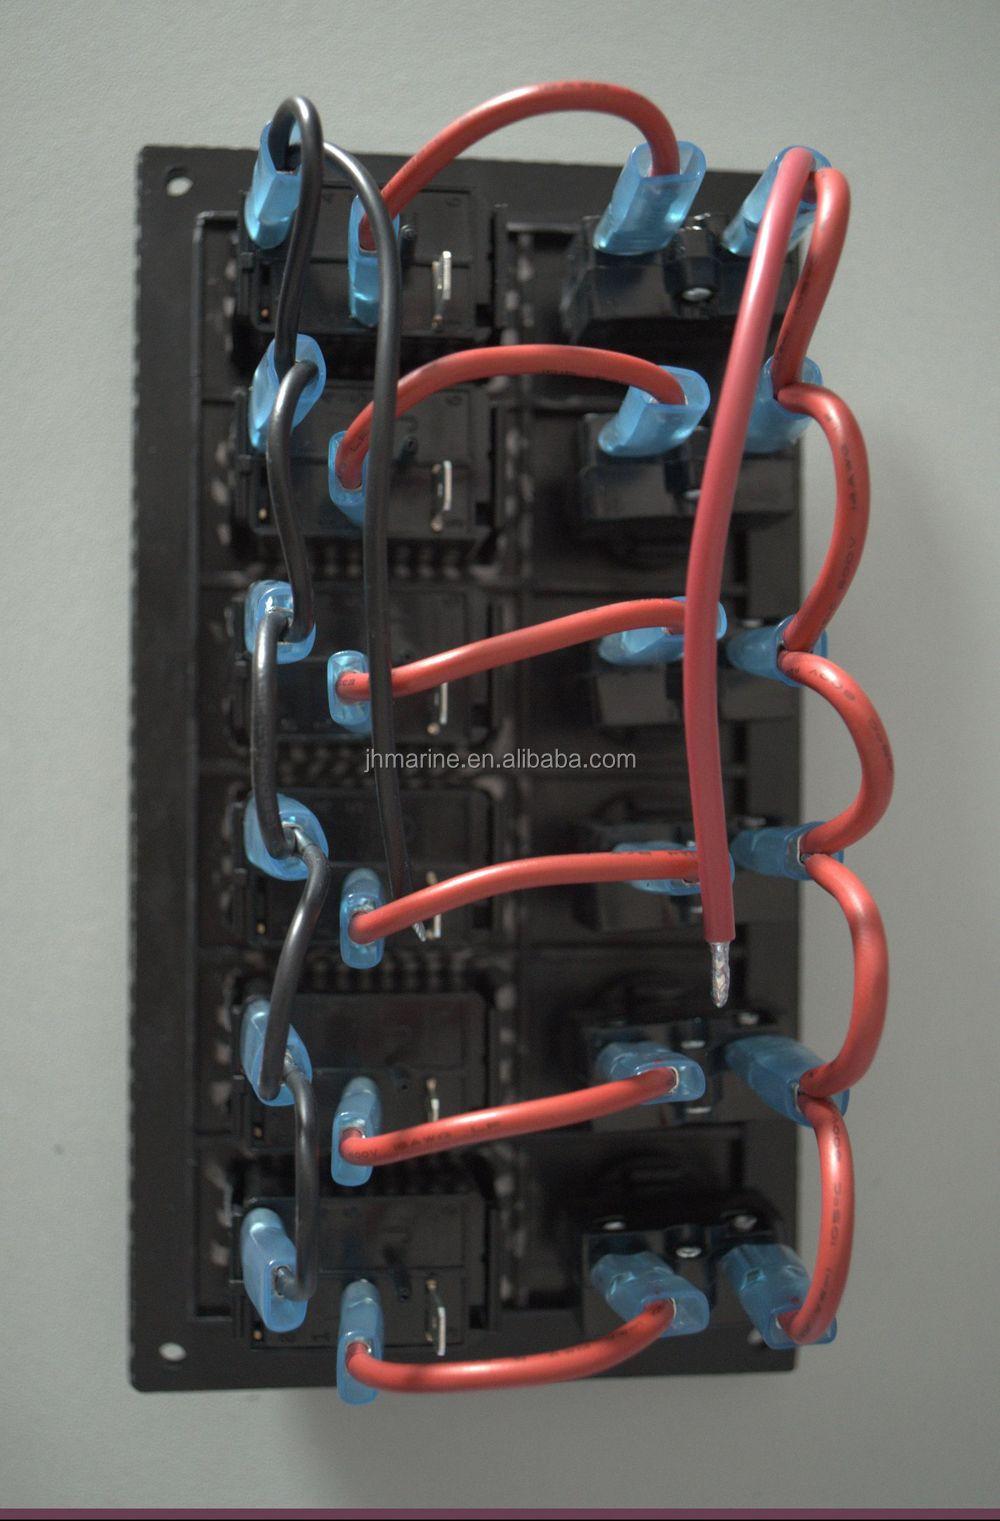 HTB12HZyGXXXXXc7XFXXq6xXFXXXf dc12v 6 gang marine switch panel,rocker switch panel,rocker switch Boat Switch Panel Wiring Diagram at couponss.co